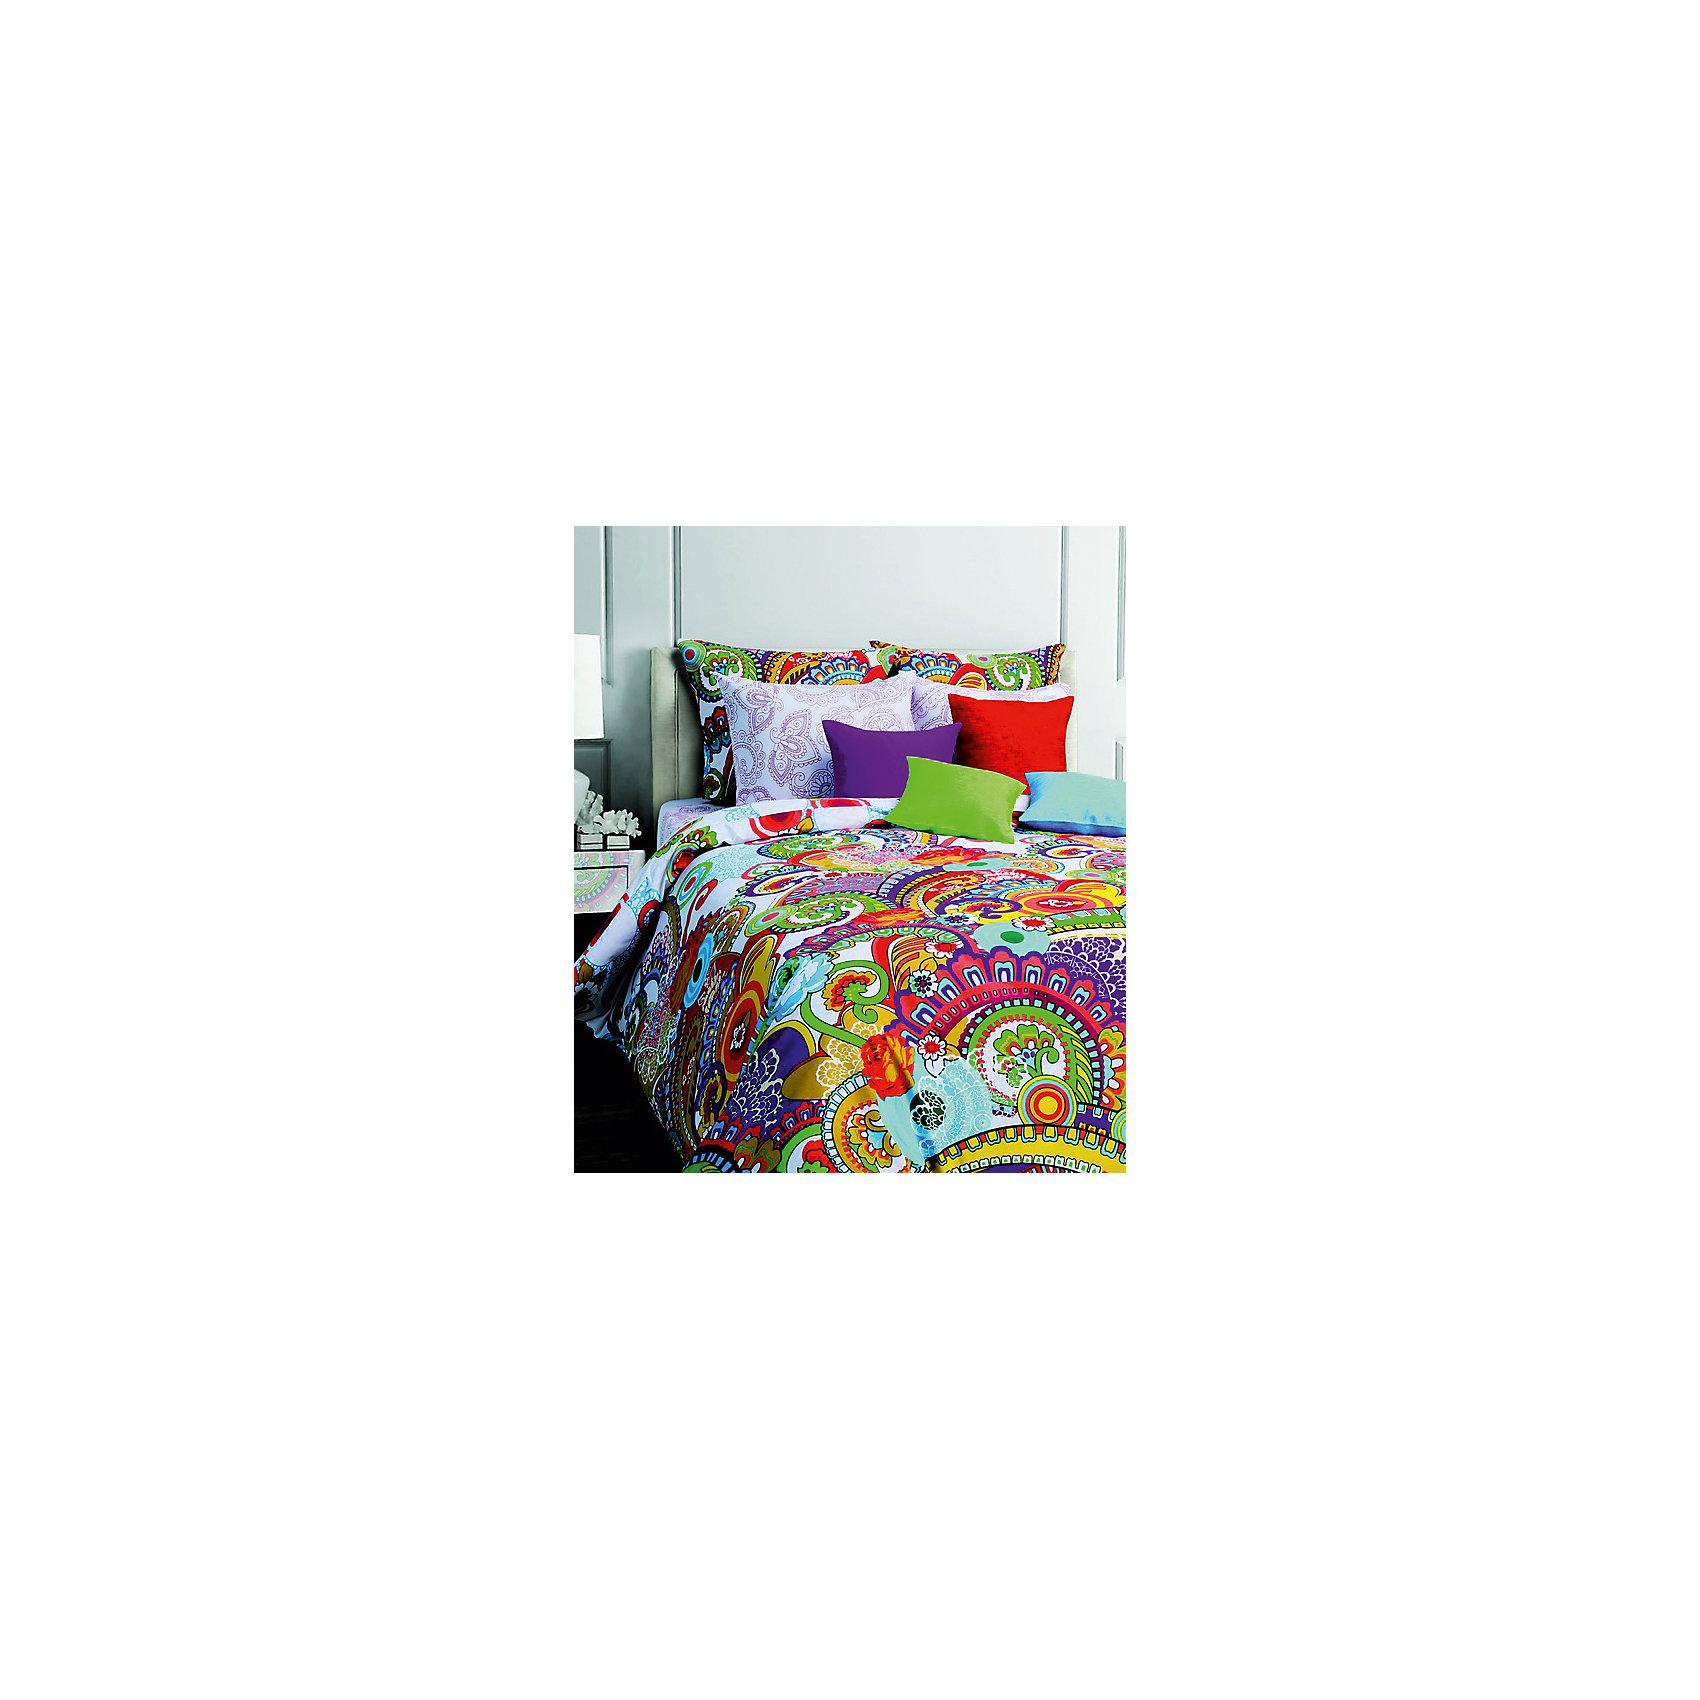 Мона Лиза Постельное белье Samui,1,5-спальный,  50*70, Mona Liza мона лиза 2 спальное наволочка 50х70 samui